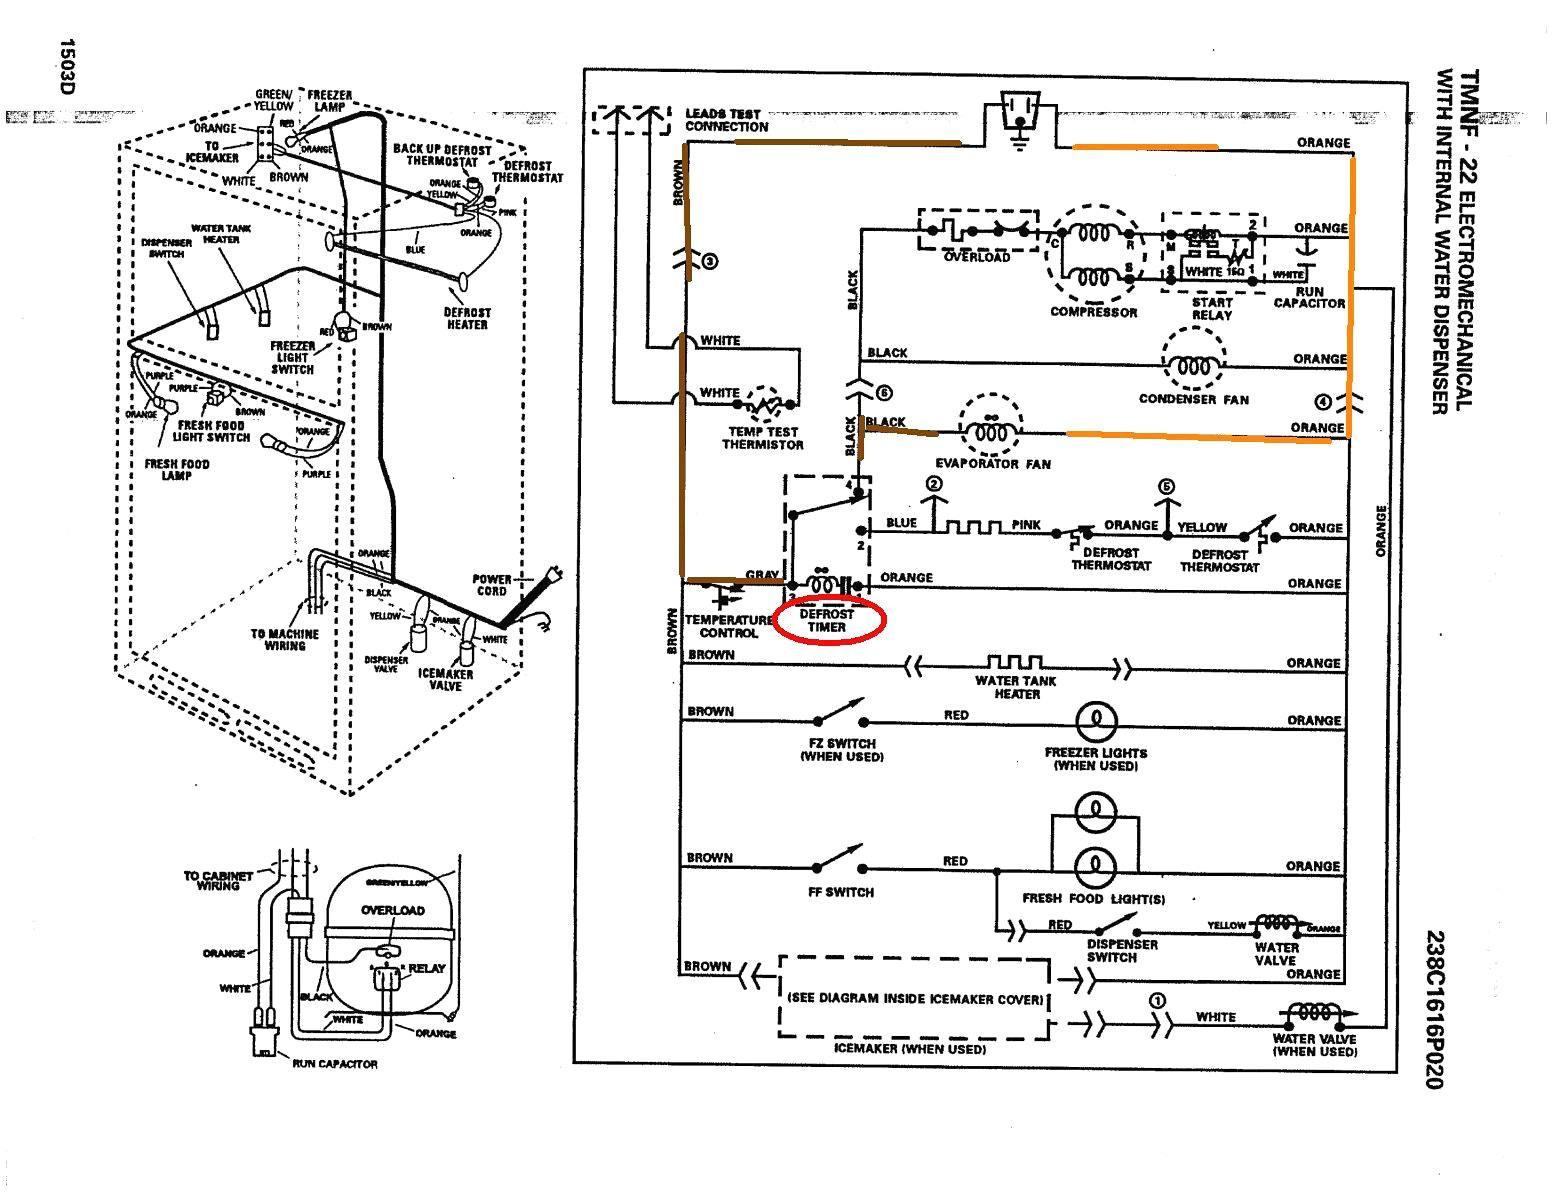 Wiring Diagram For Ge Range